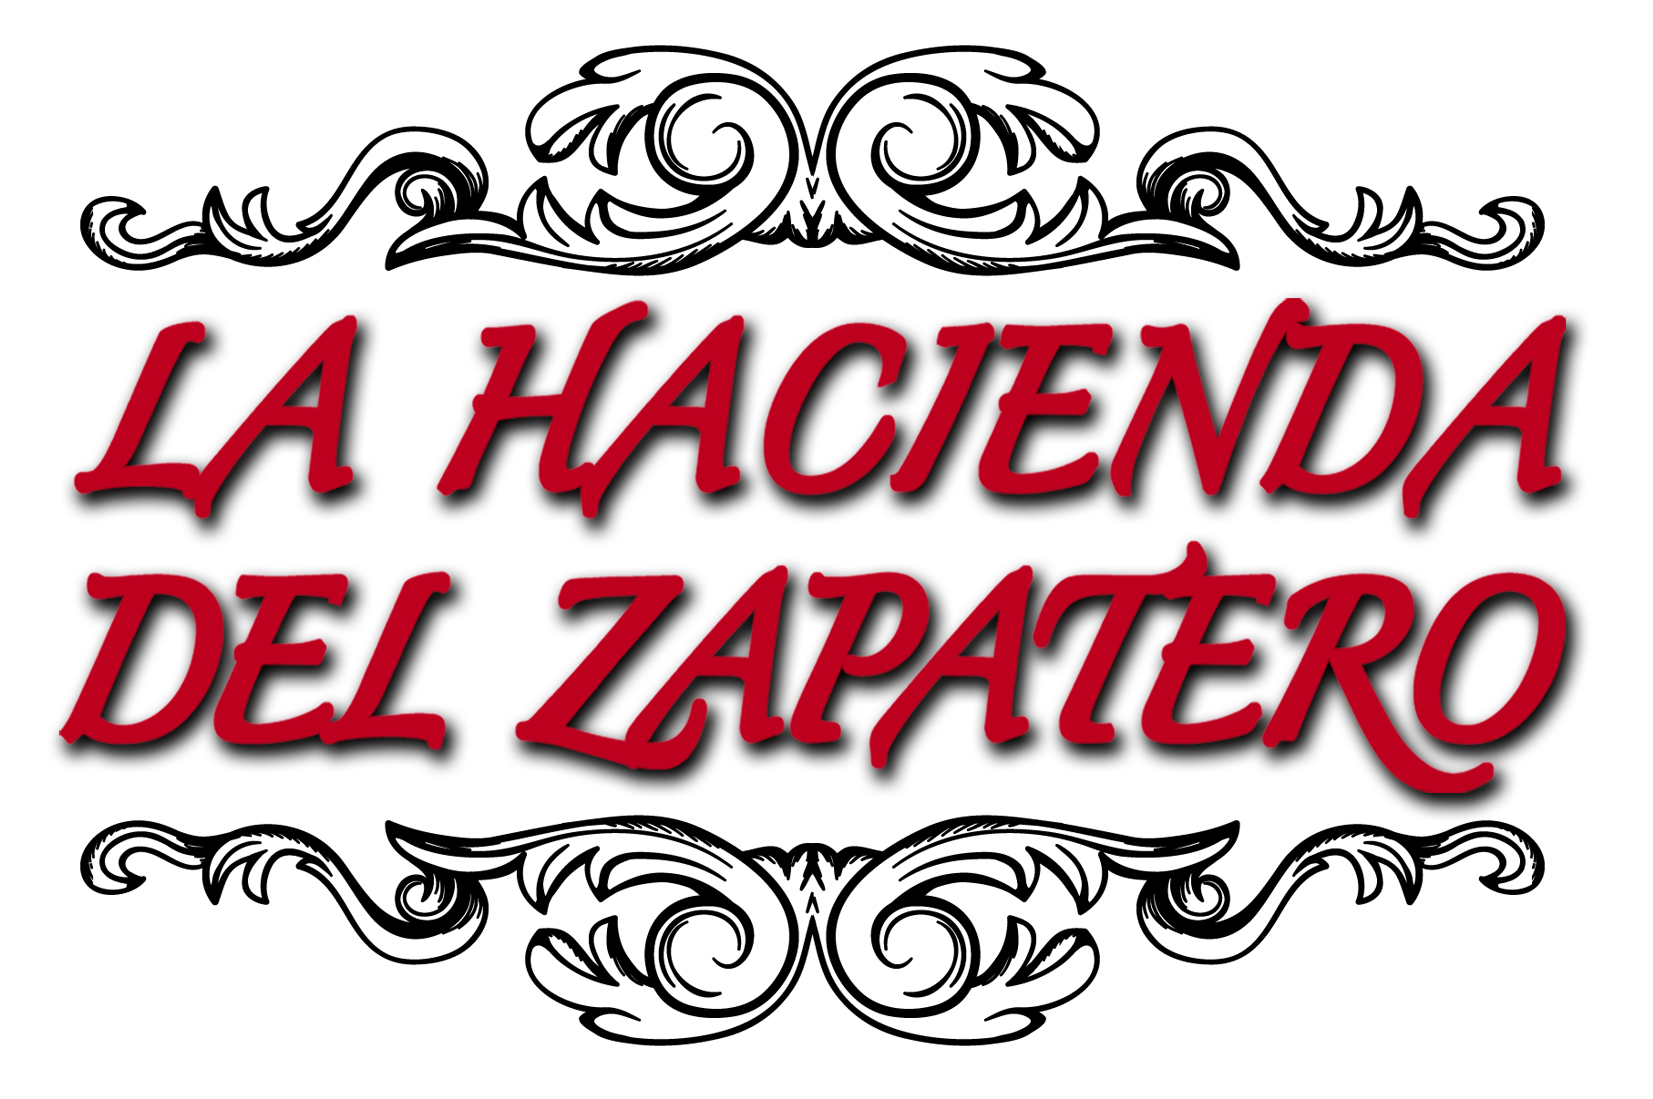 La Hacienda del Zapatero